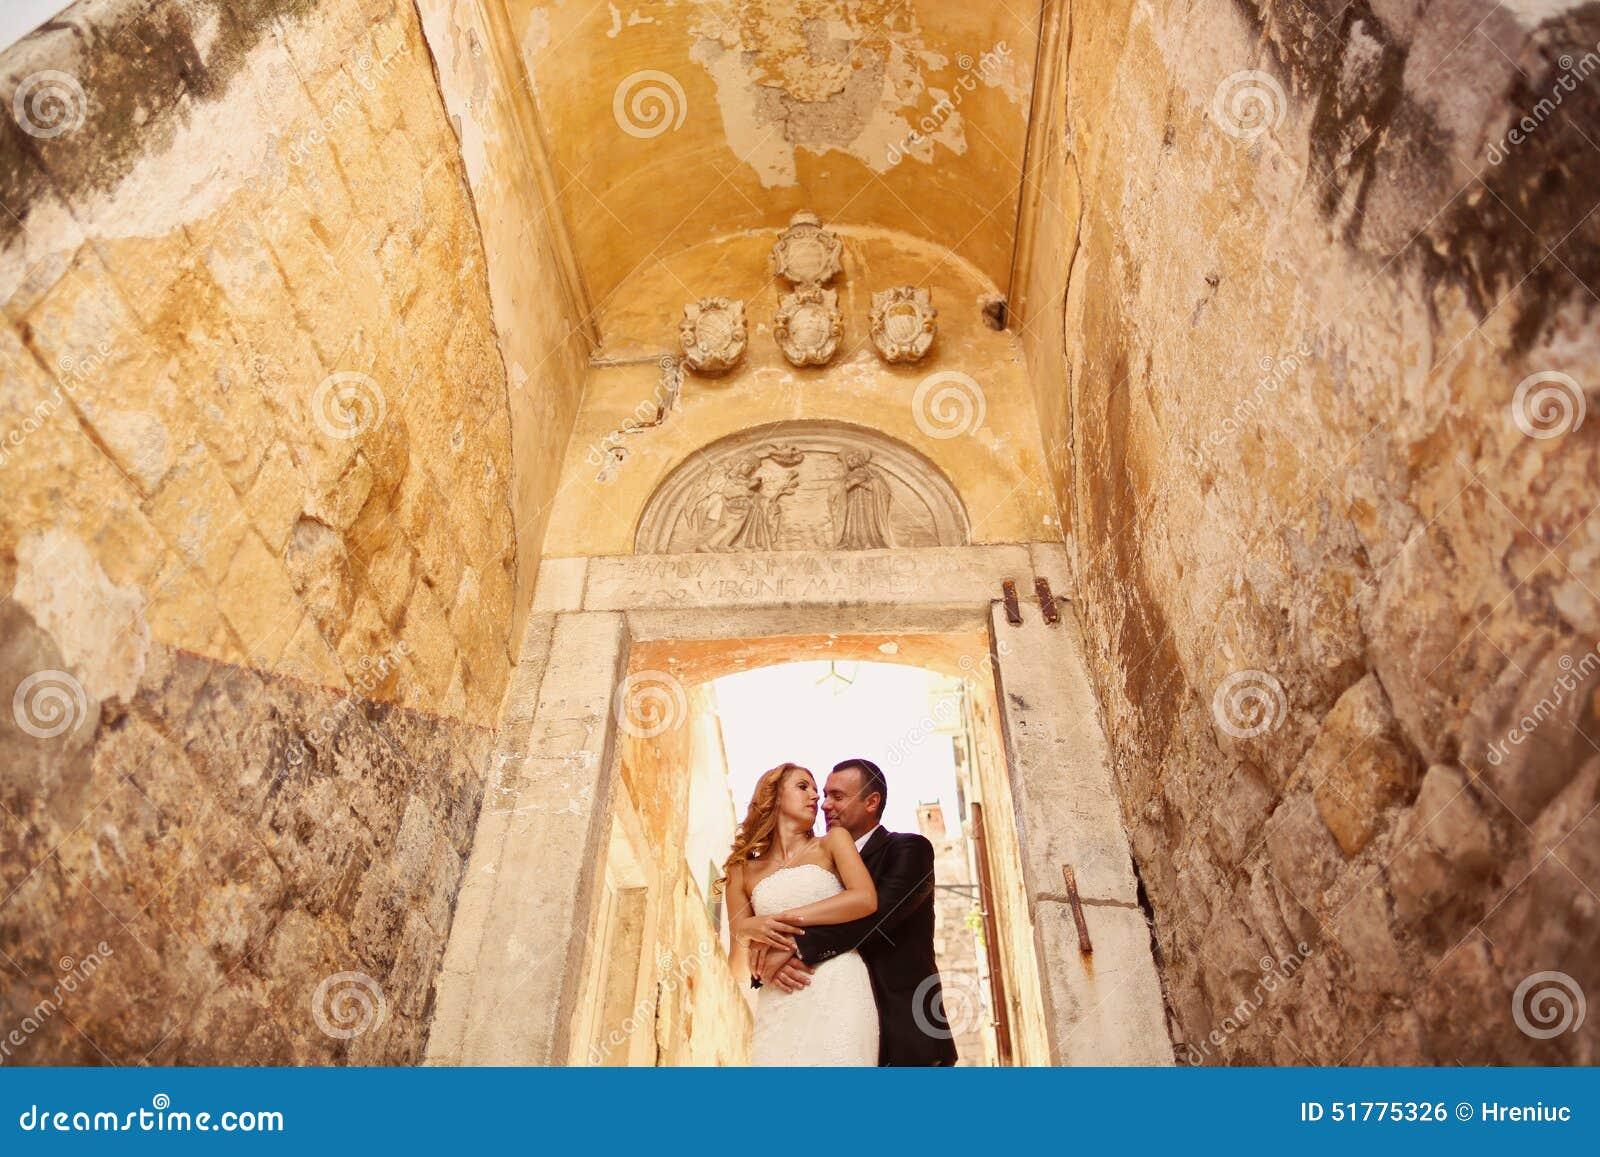 Bruidegom en bruid op treden in een gang stock foto afbeelding 51775326 - Een gang ...